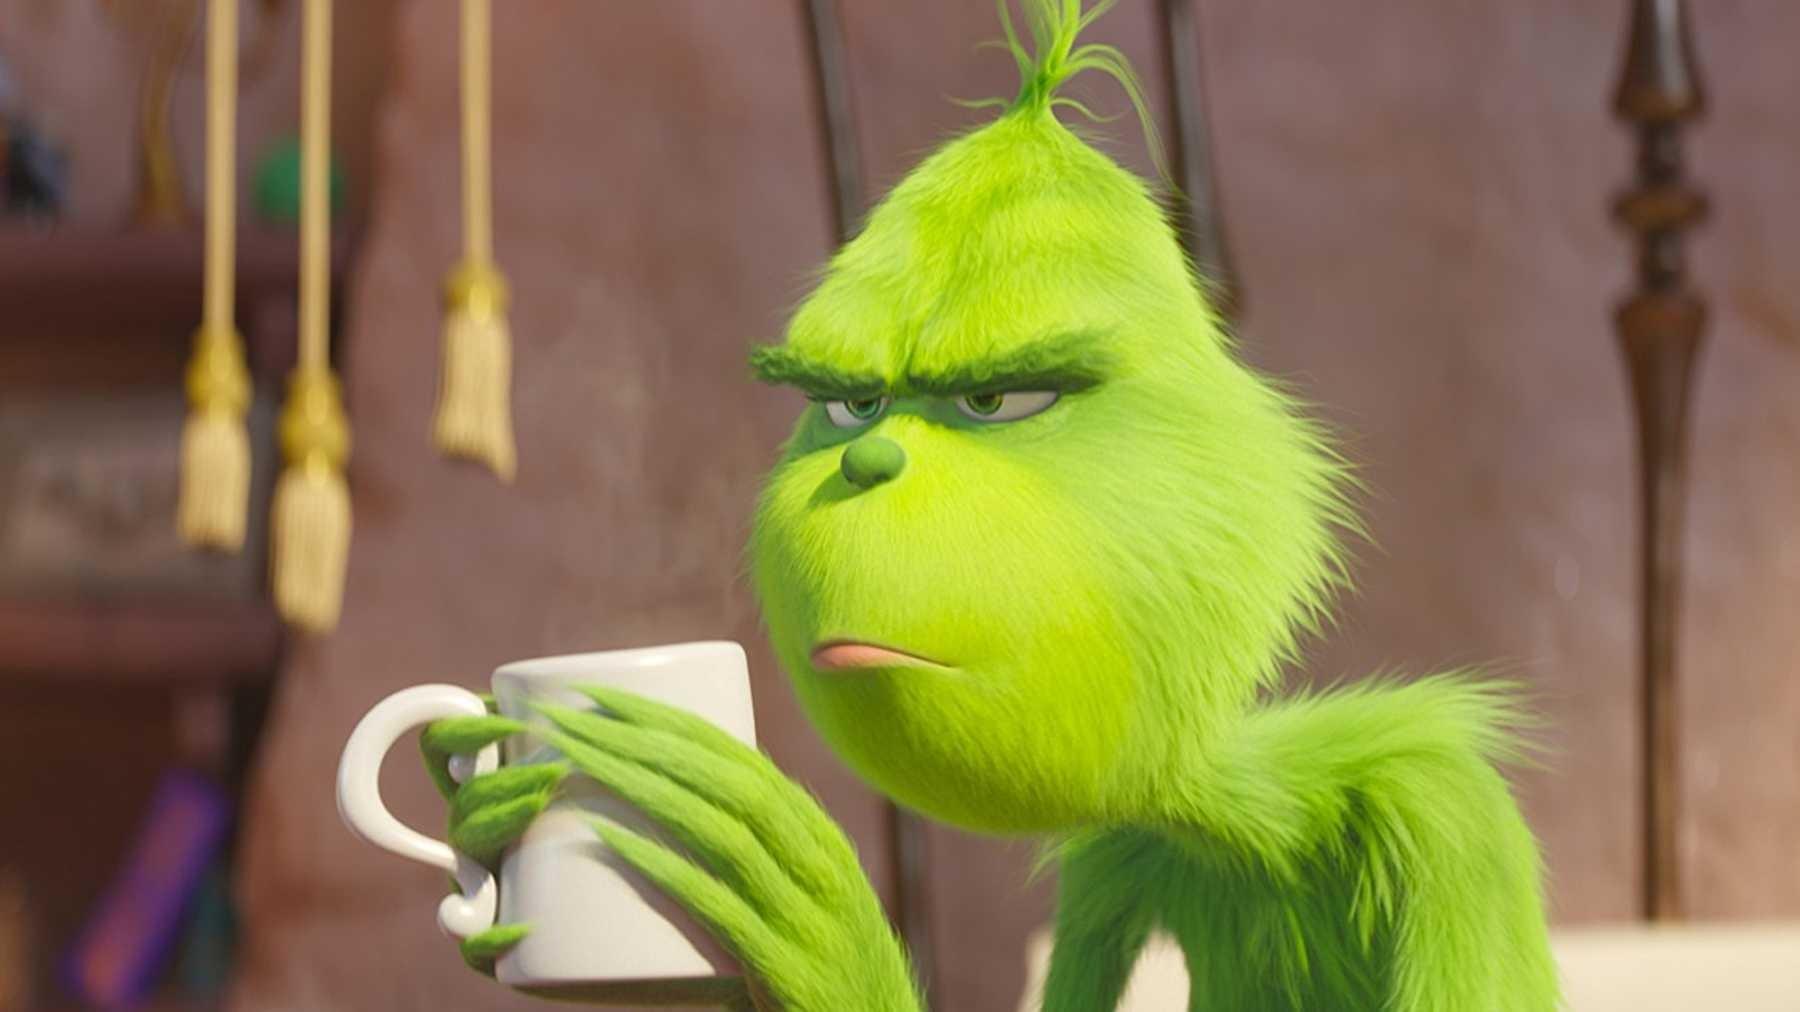 The Grinch (2018) holding coffee mug